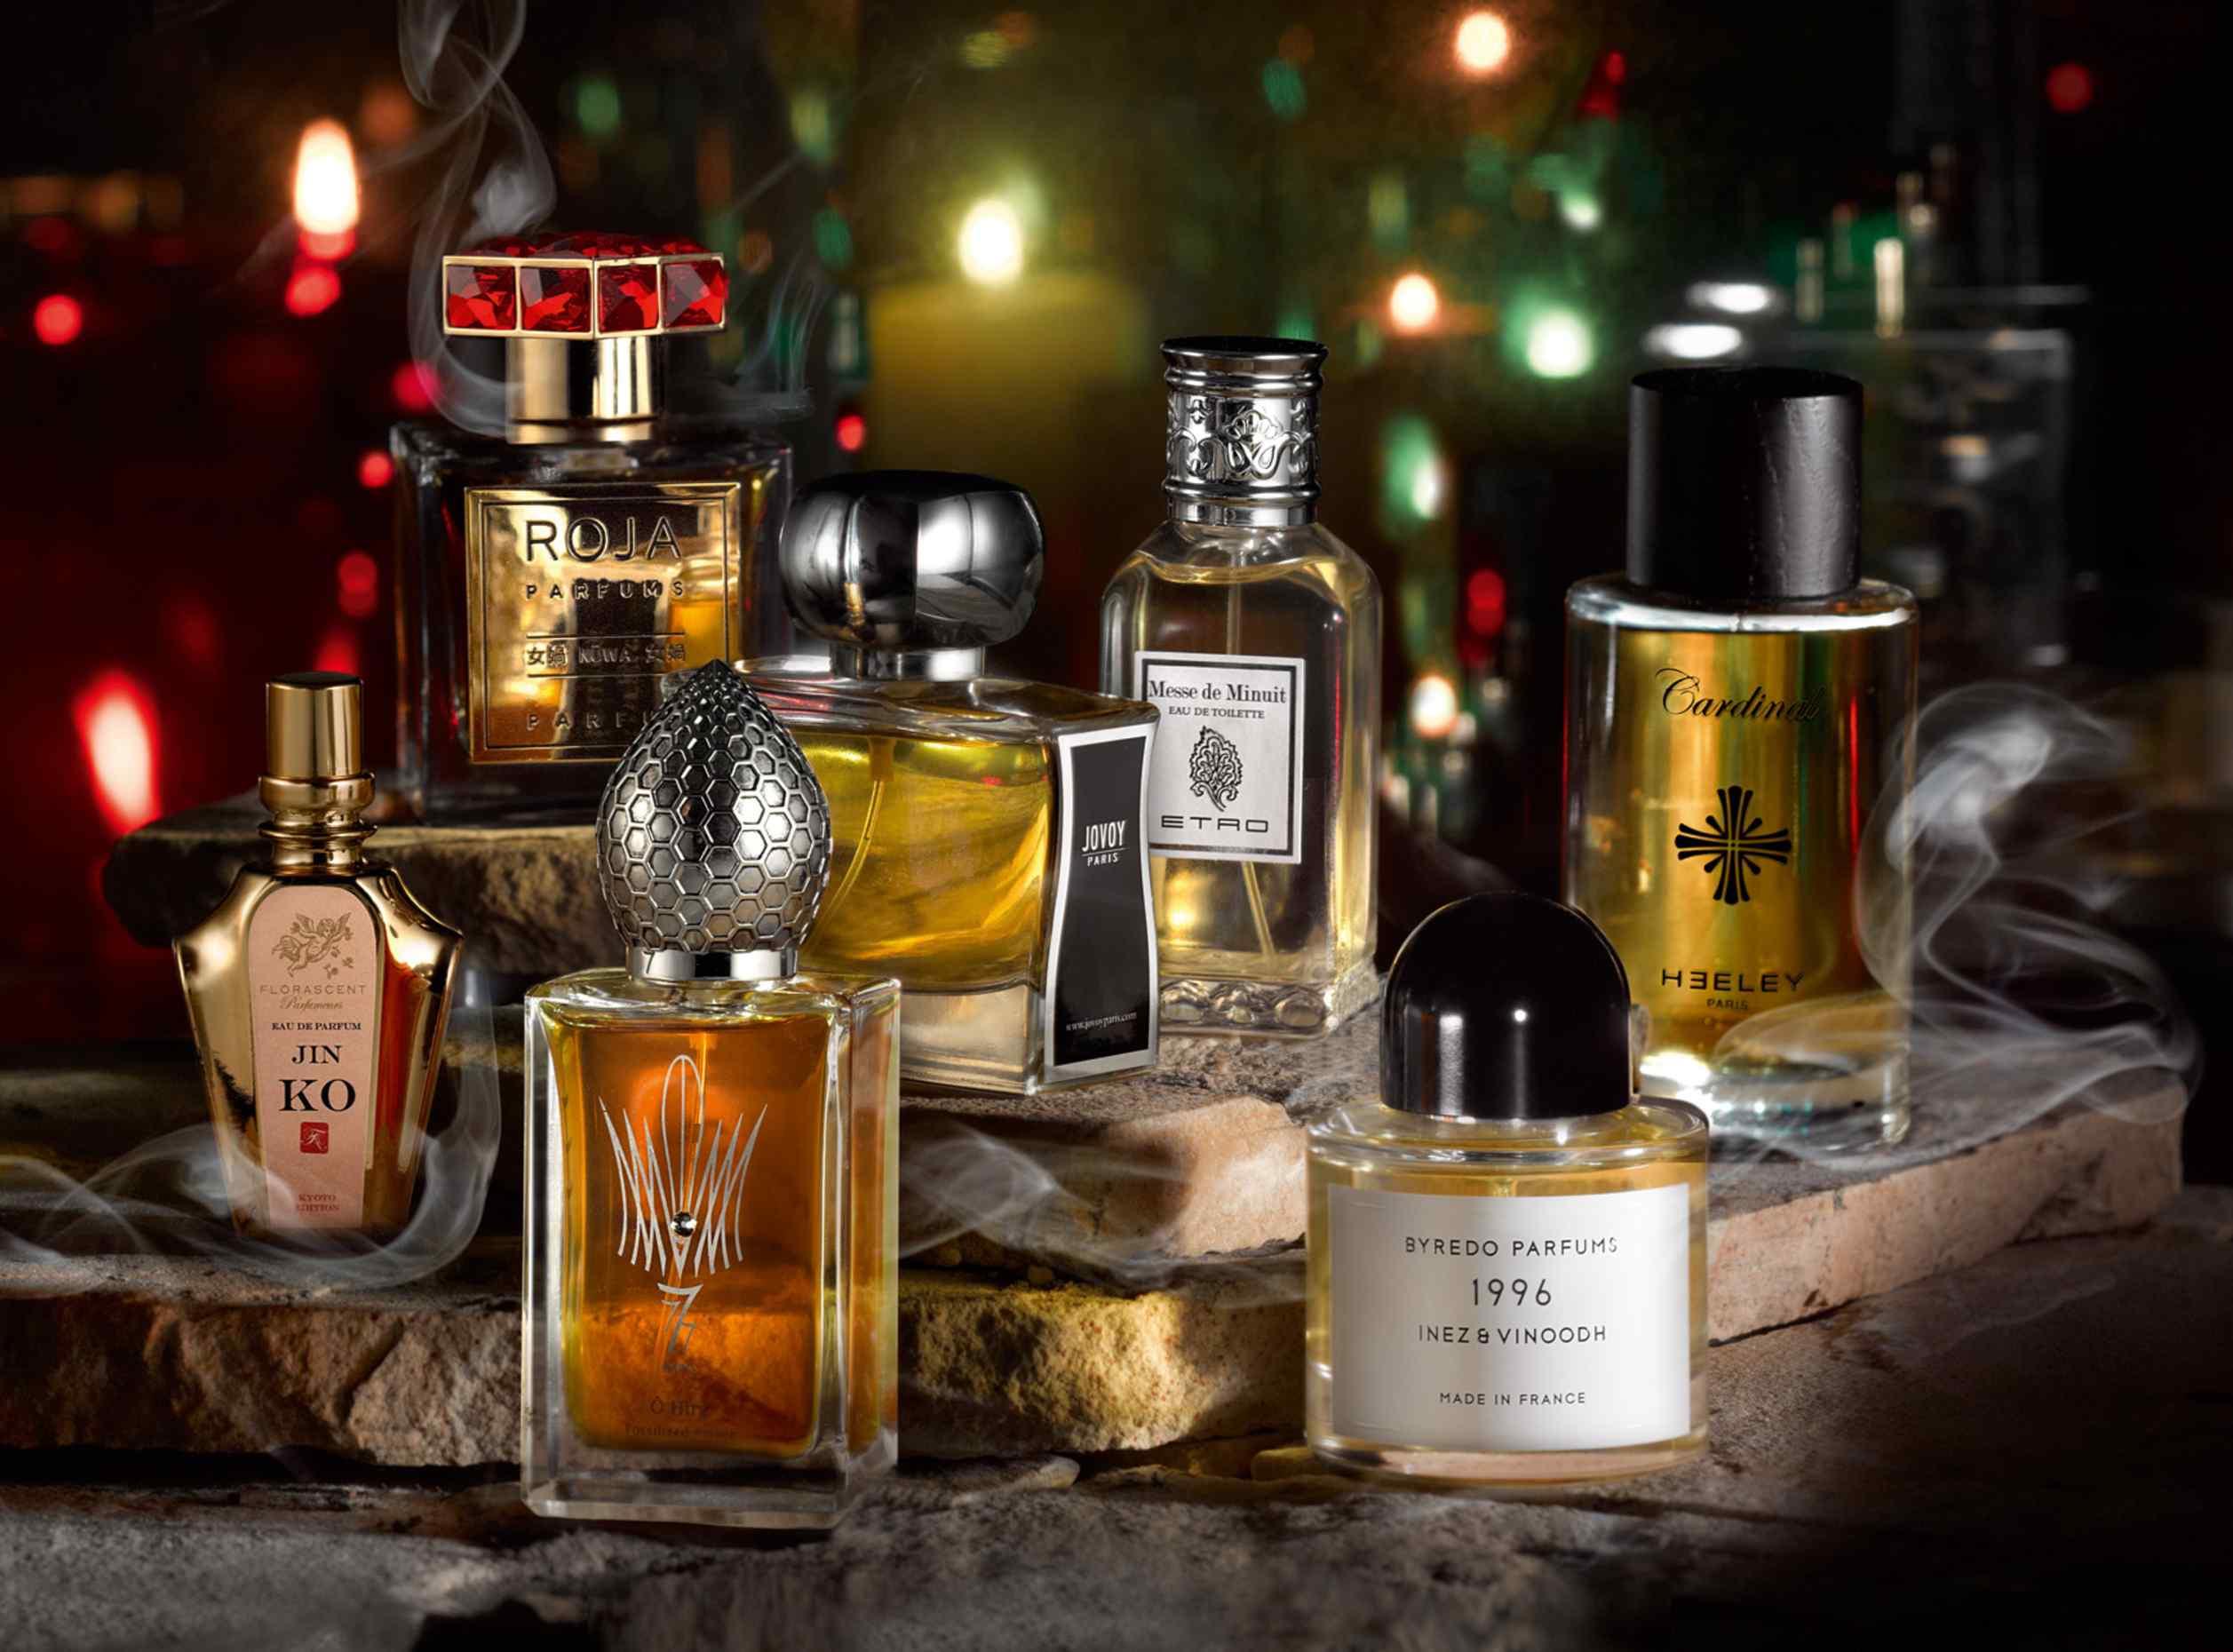 Селективная парфюмерия — купить мужские и женские нишевые ароматы в интернет-магазине randewoo.ru